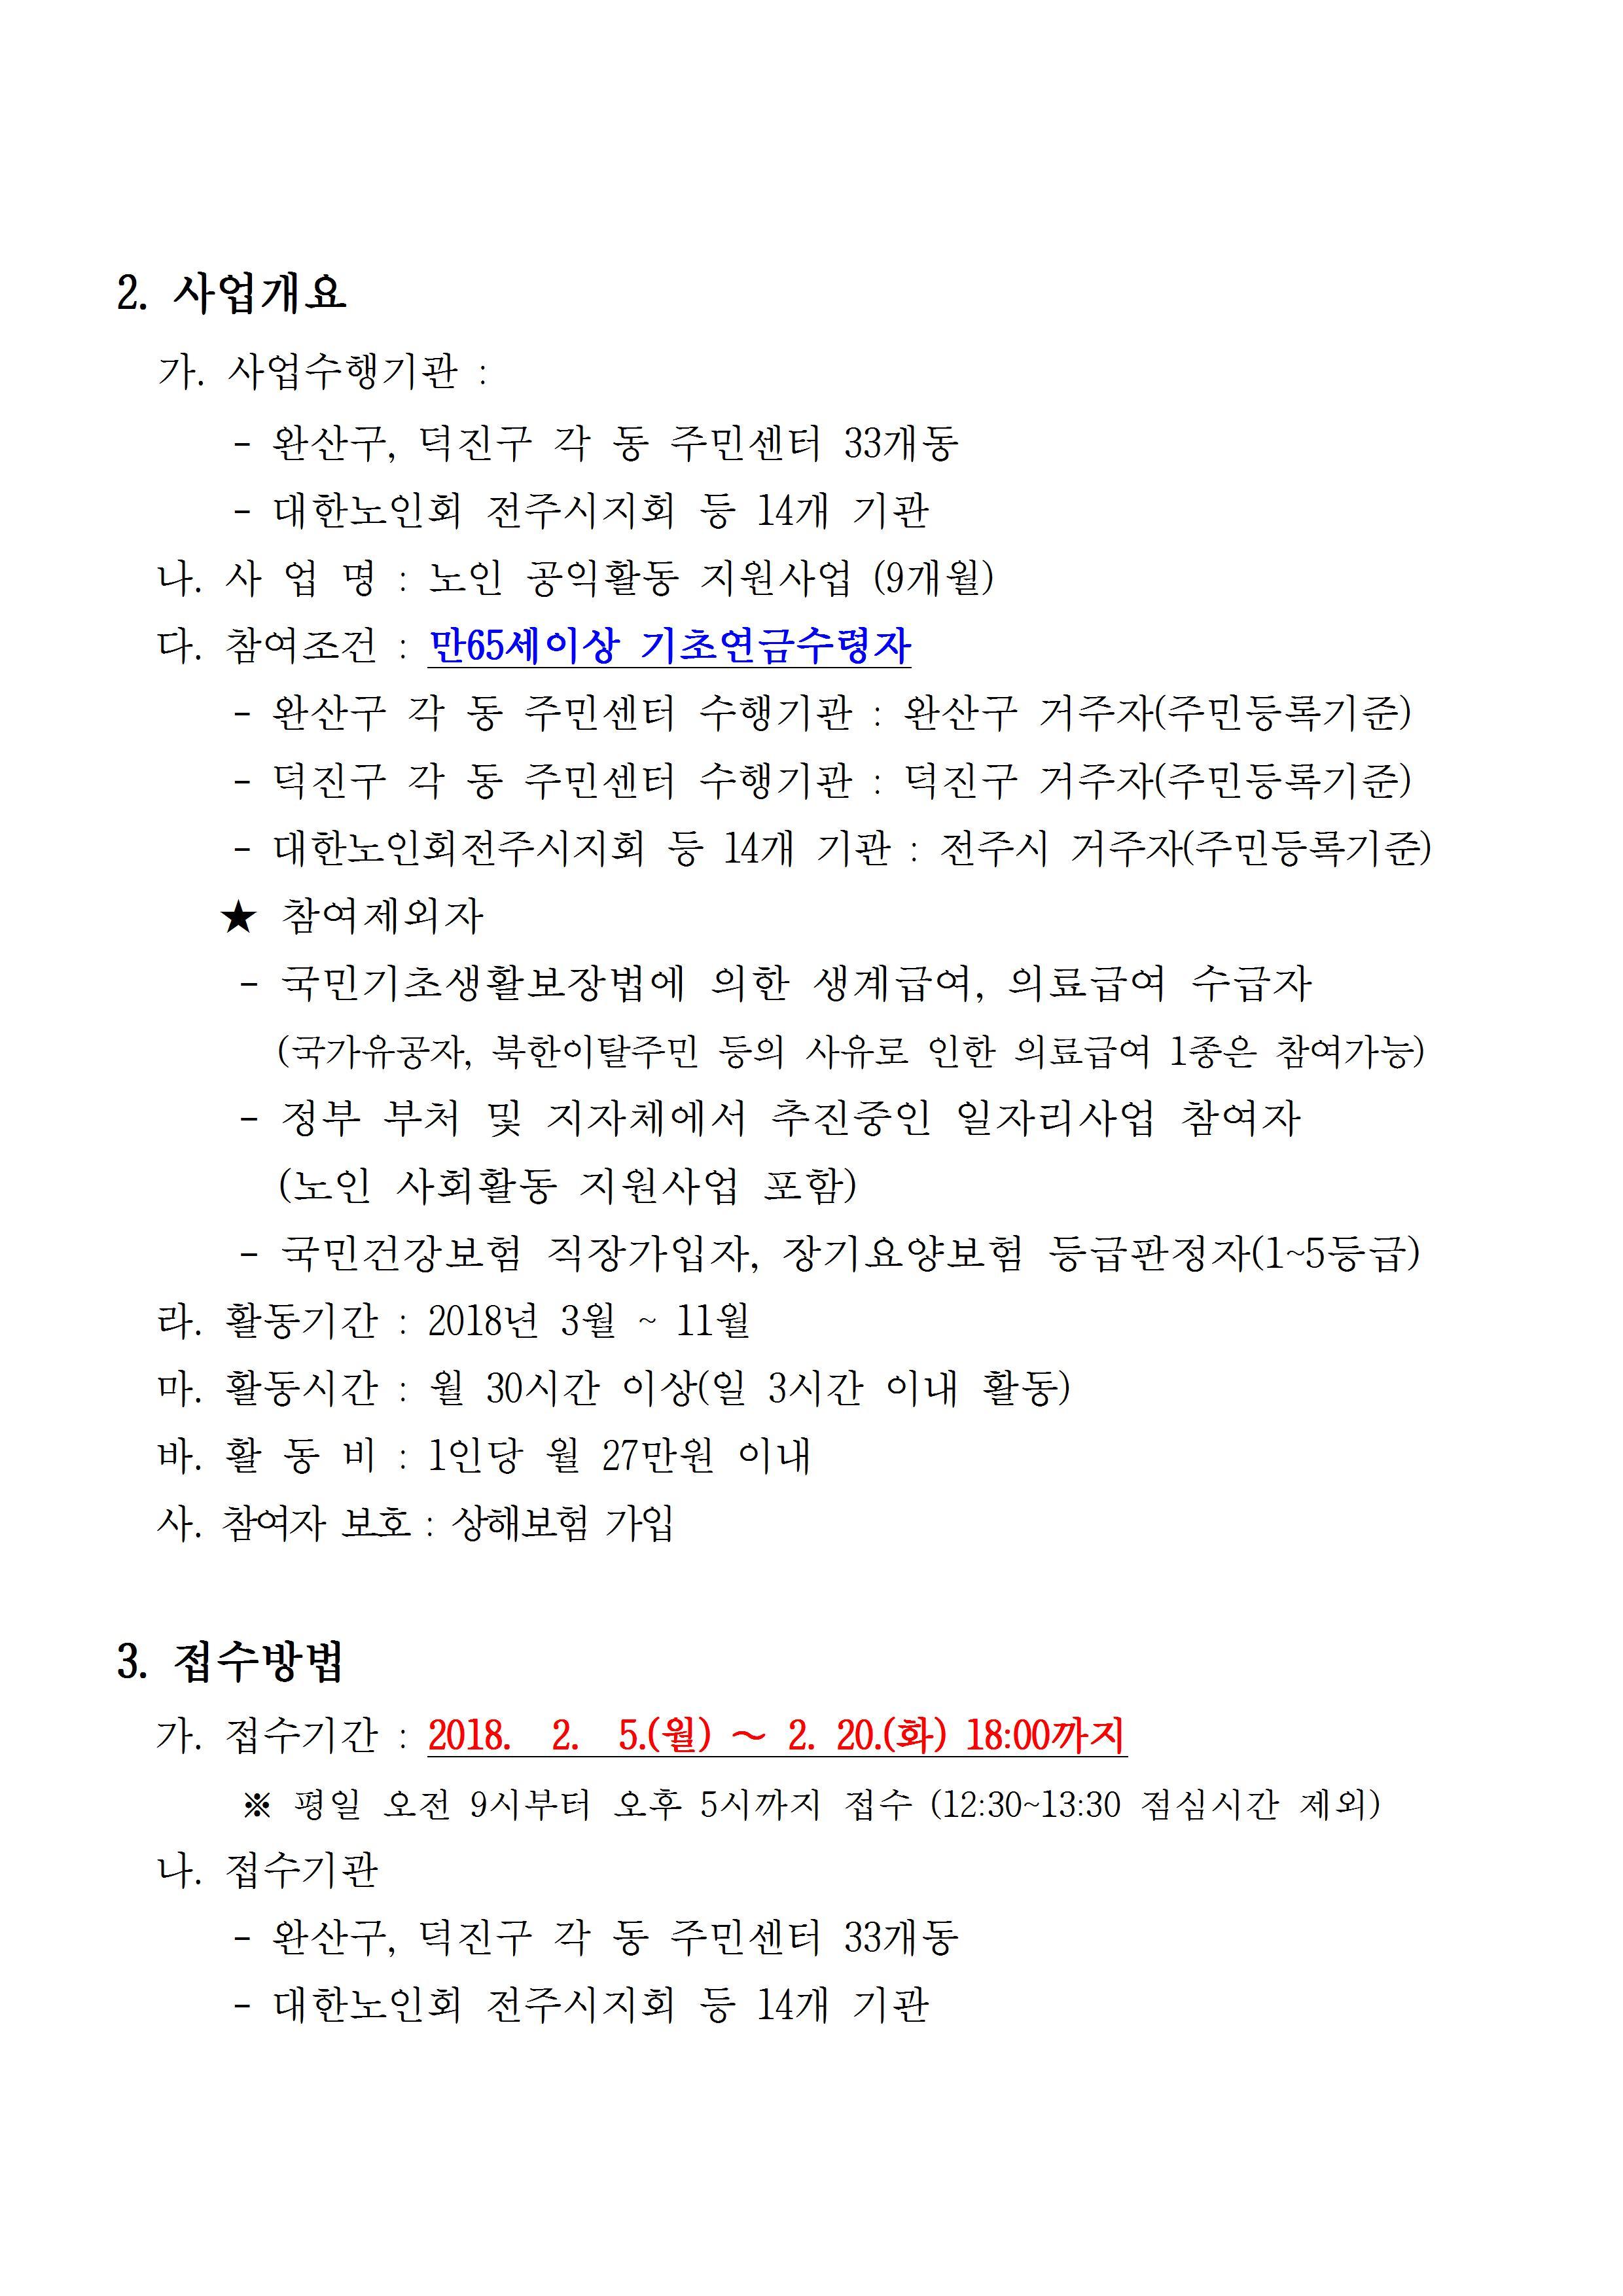 2018년 노인 공익활동(9개월)사업 참여자 모집 공고(안)002.jpg